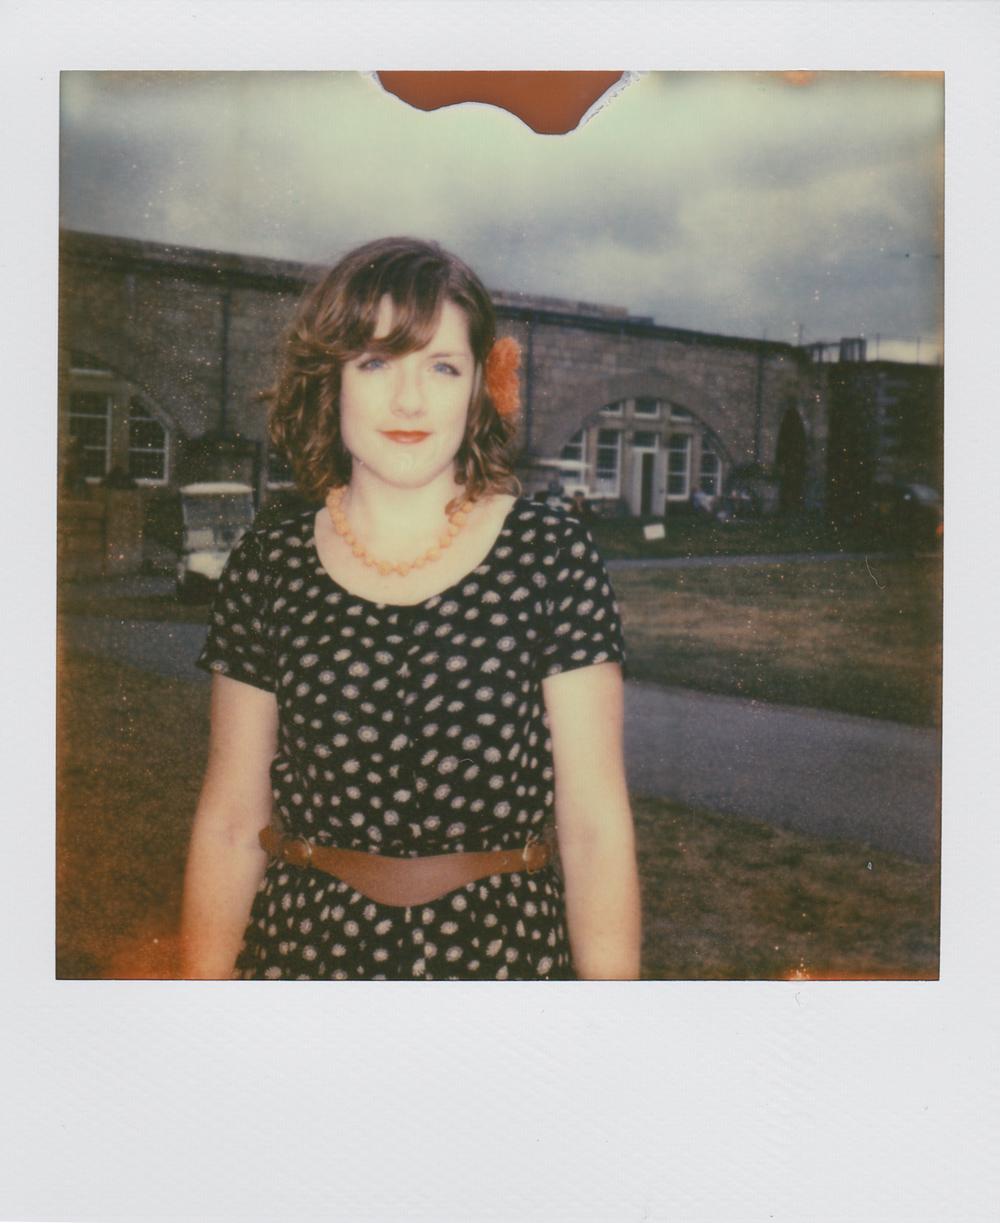 blogger-girl.jpg